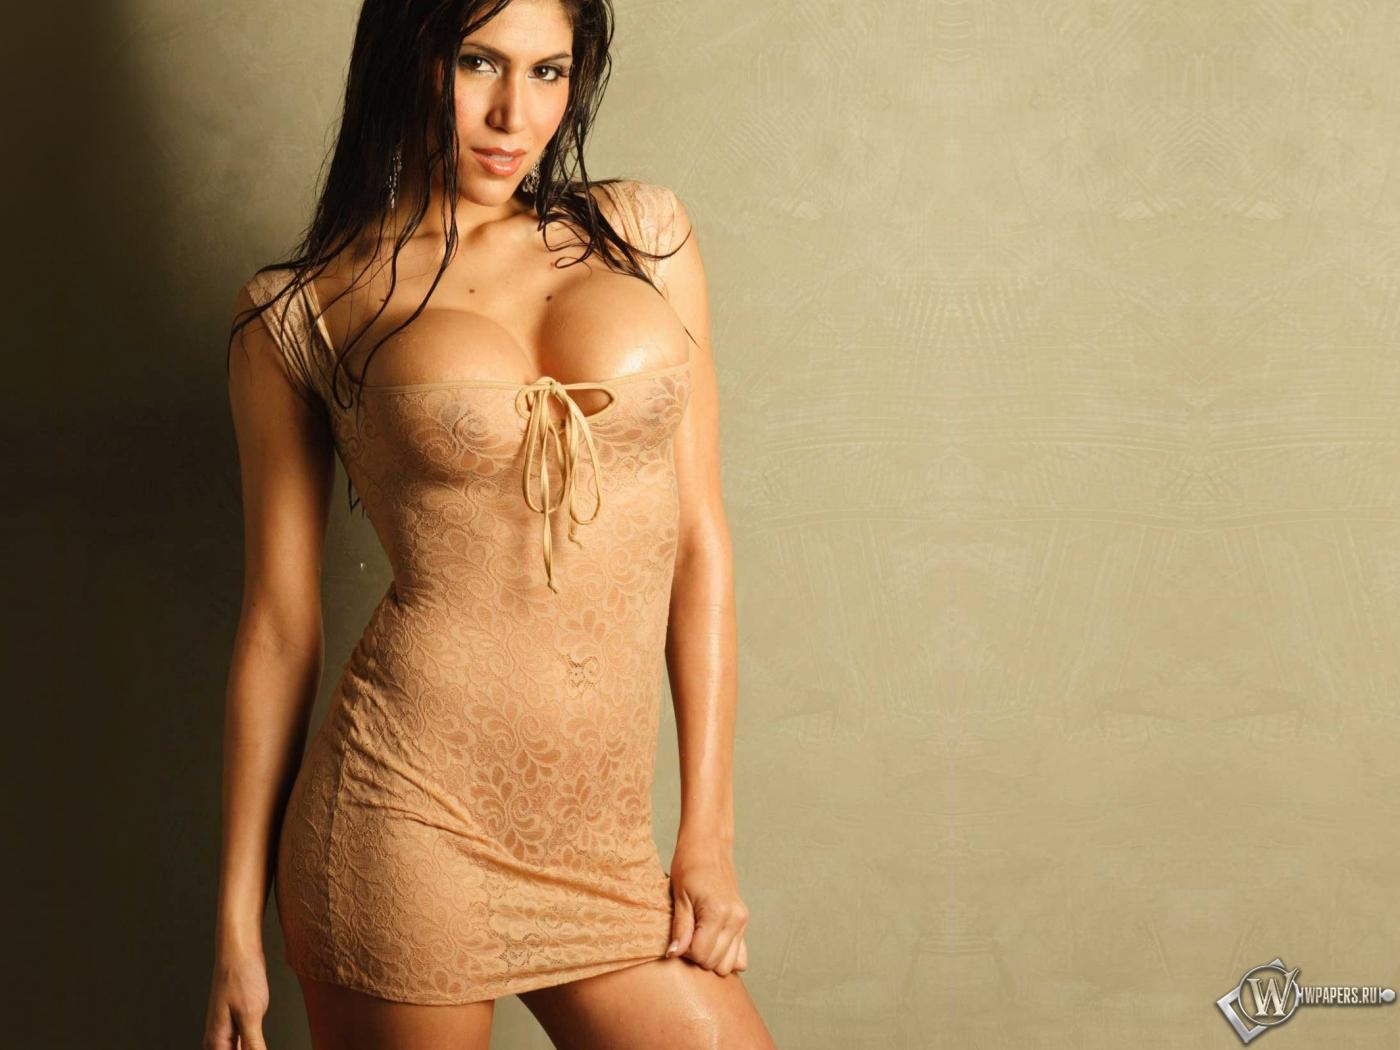 Mary Castro 1400x1050